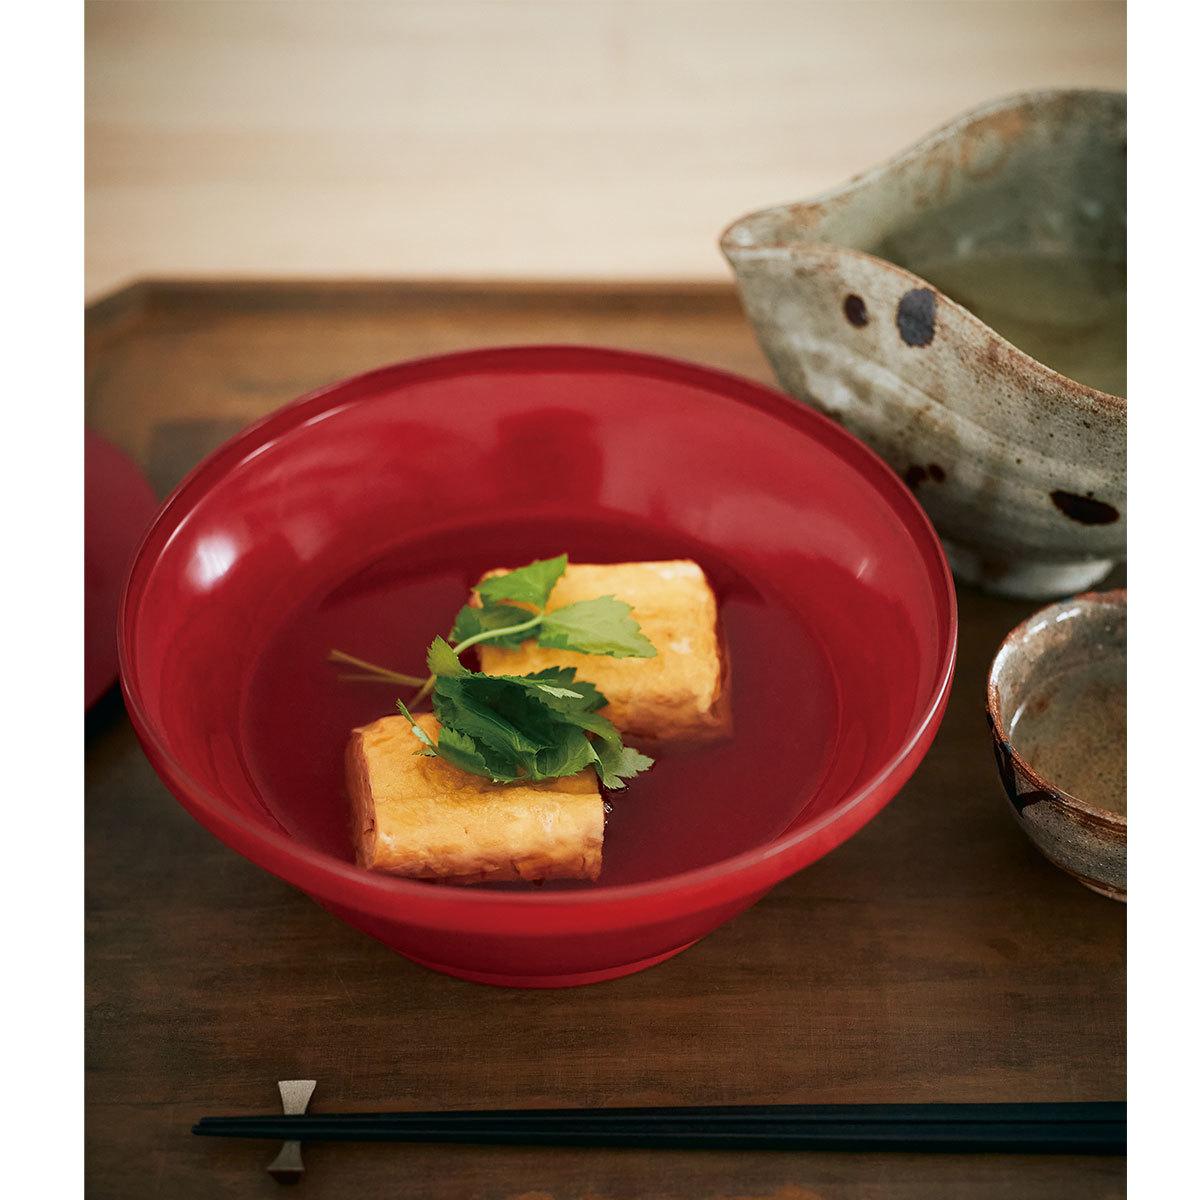 自然派日本酒×だしがけのだし巻き卵1